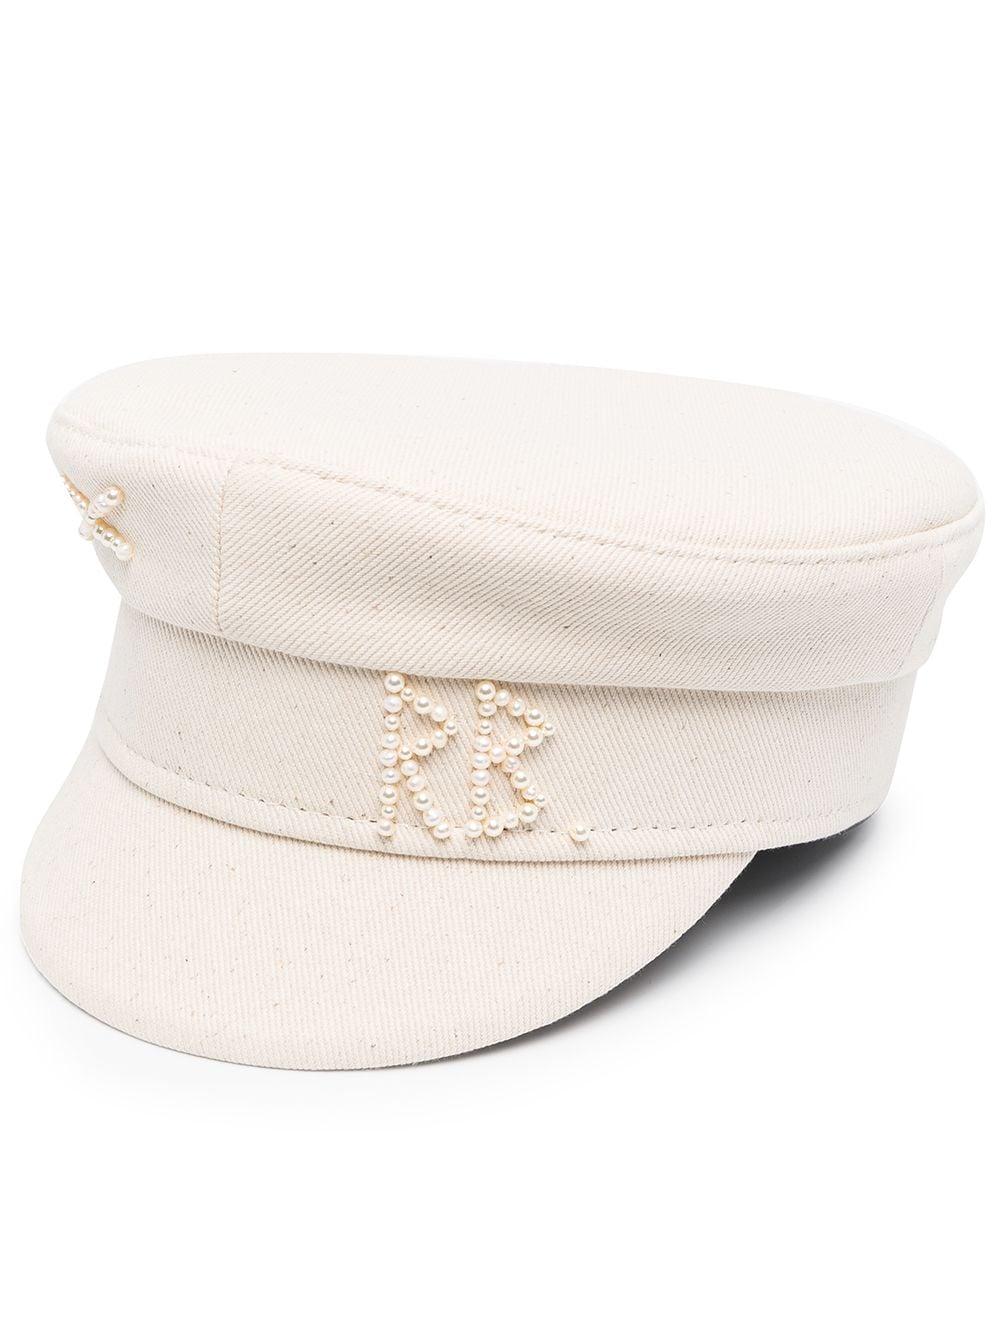 RUSLAN BAGINSKIY RUSLAN BAGINSKIY | Hats | KPC035CPRLBG